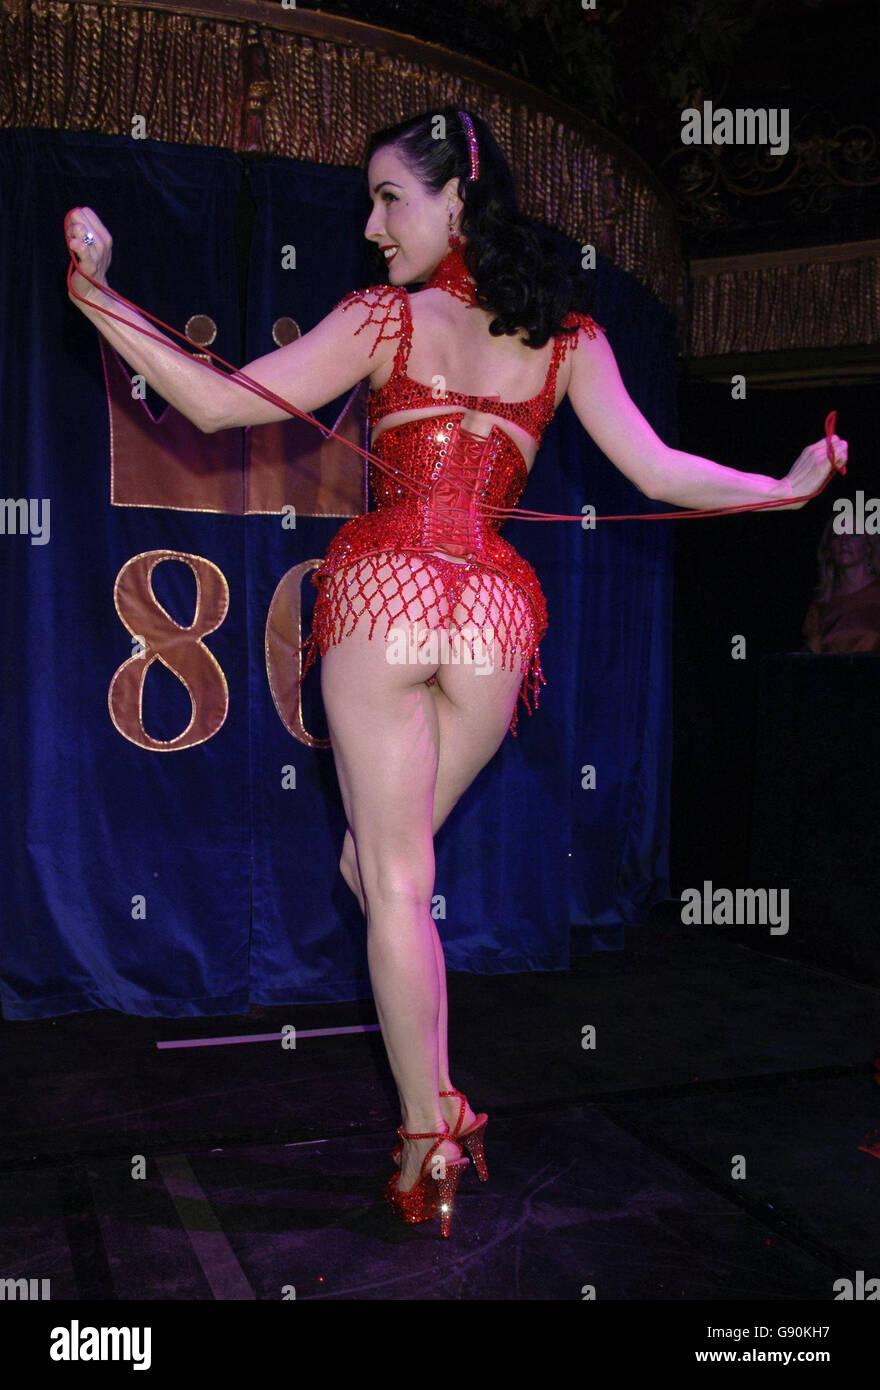 Erotic showbiz pics